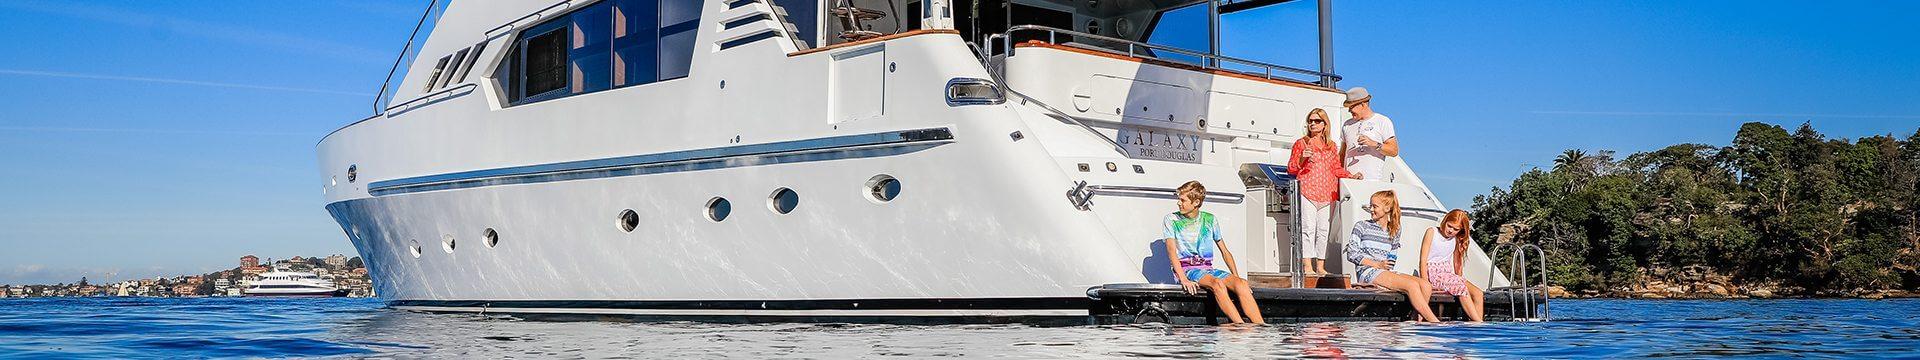 galaxy-yacht-sydney-18